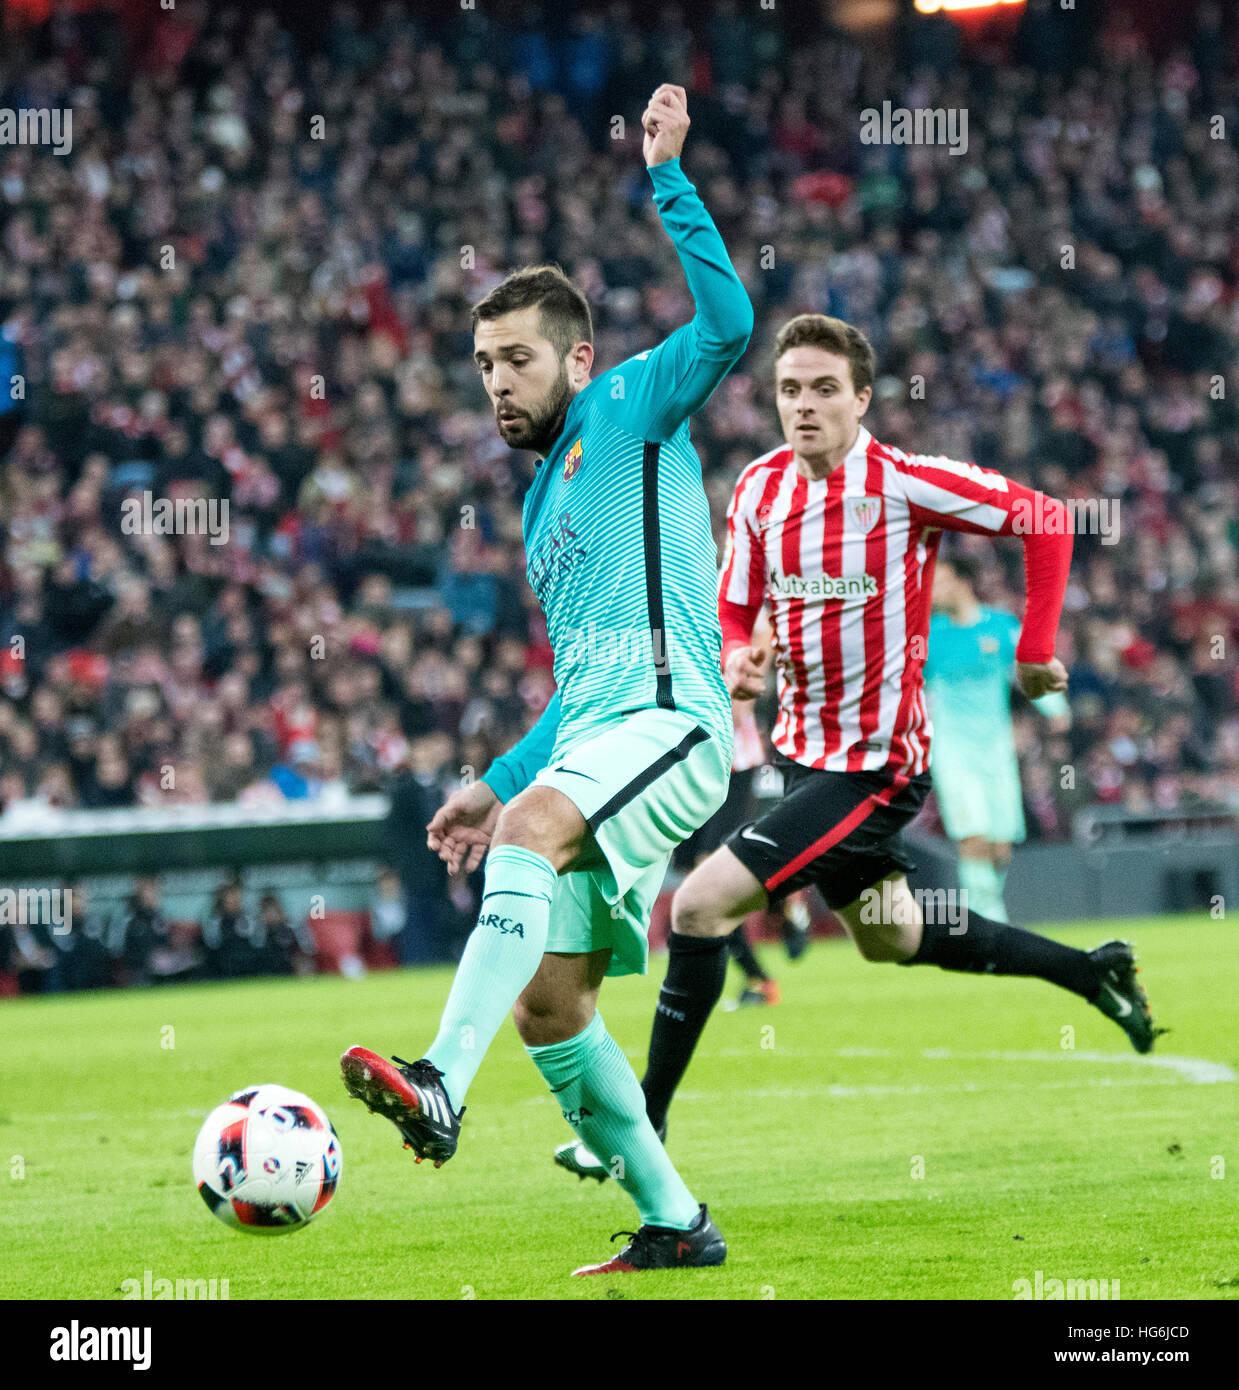 Bilbao Spain 5th January 2017 Jordi Alba Defender FC